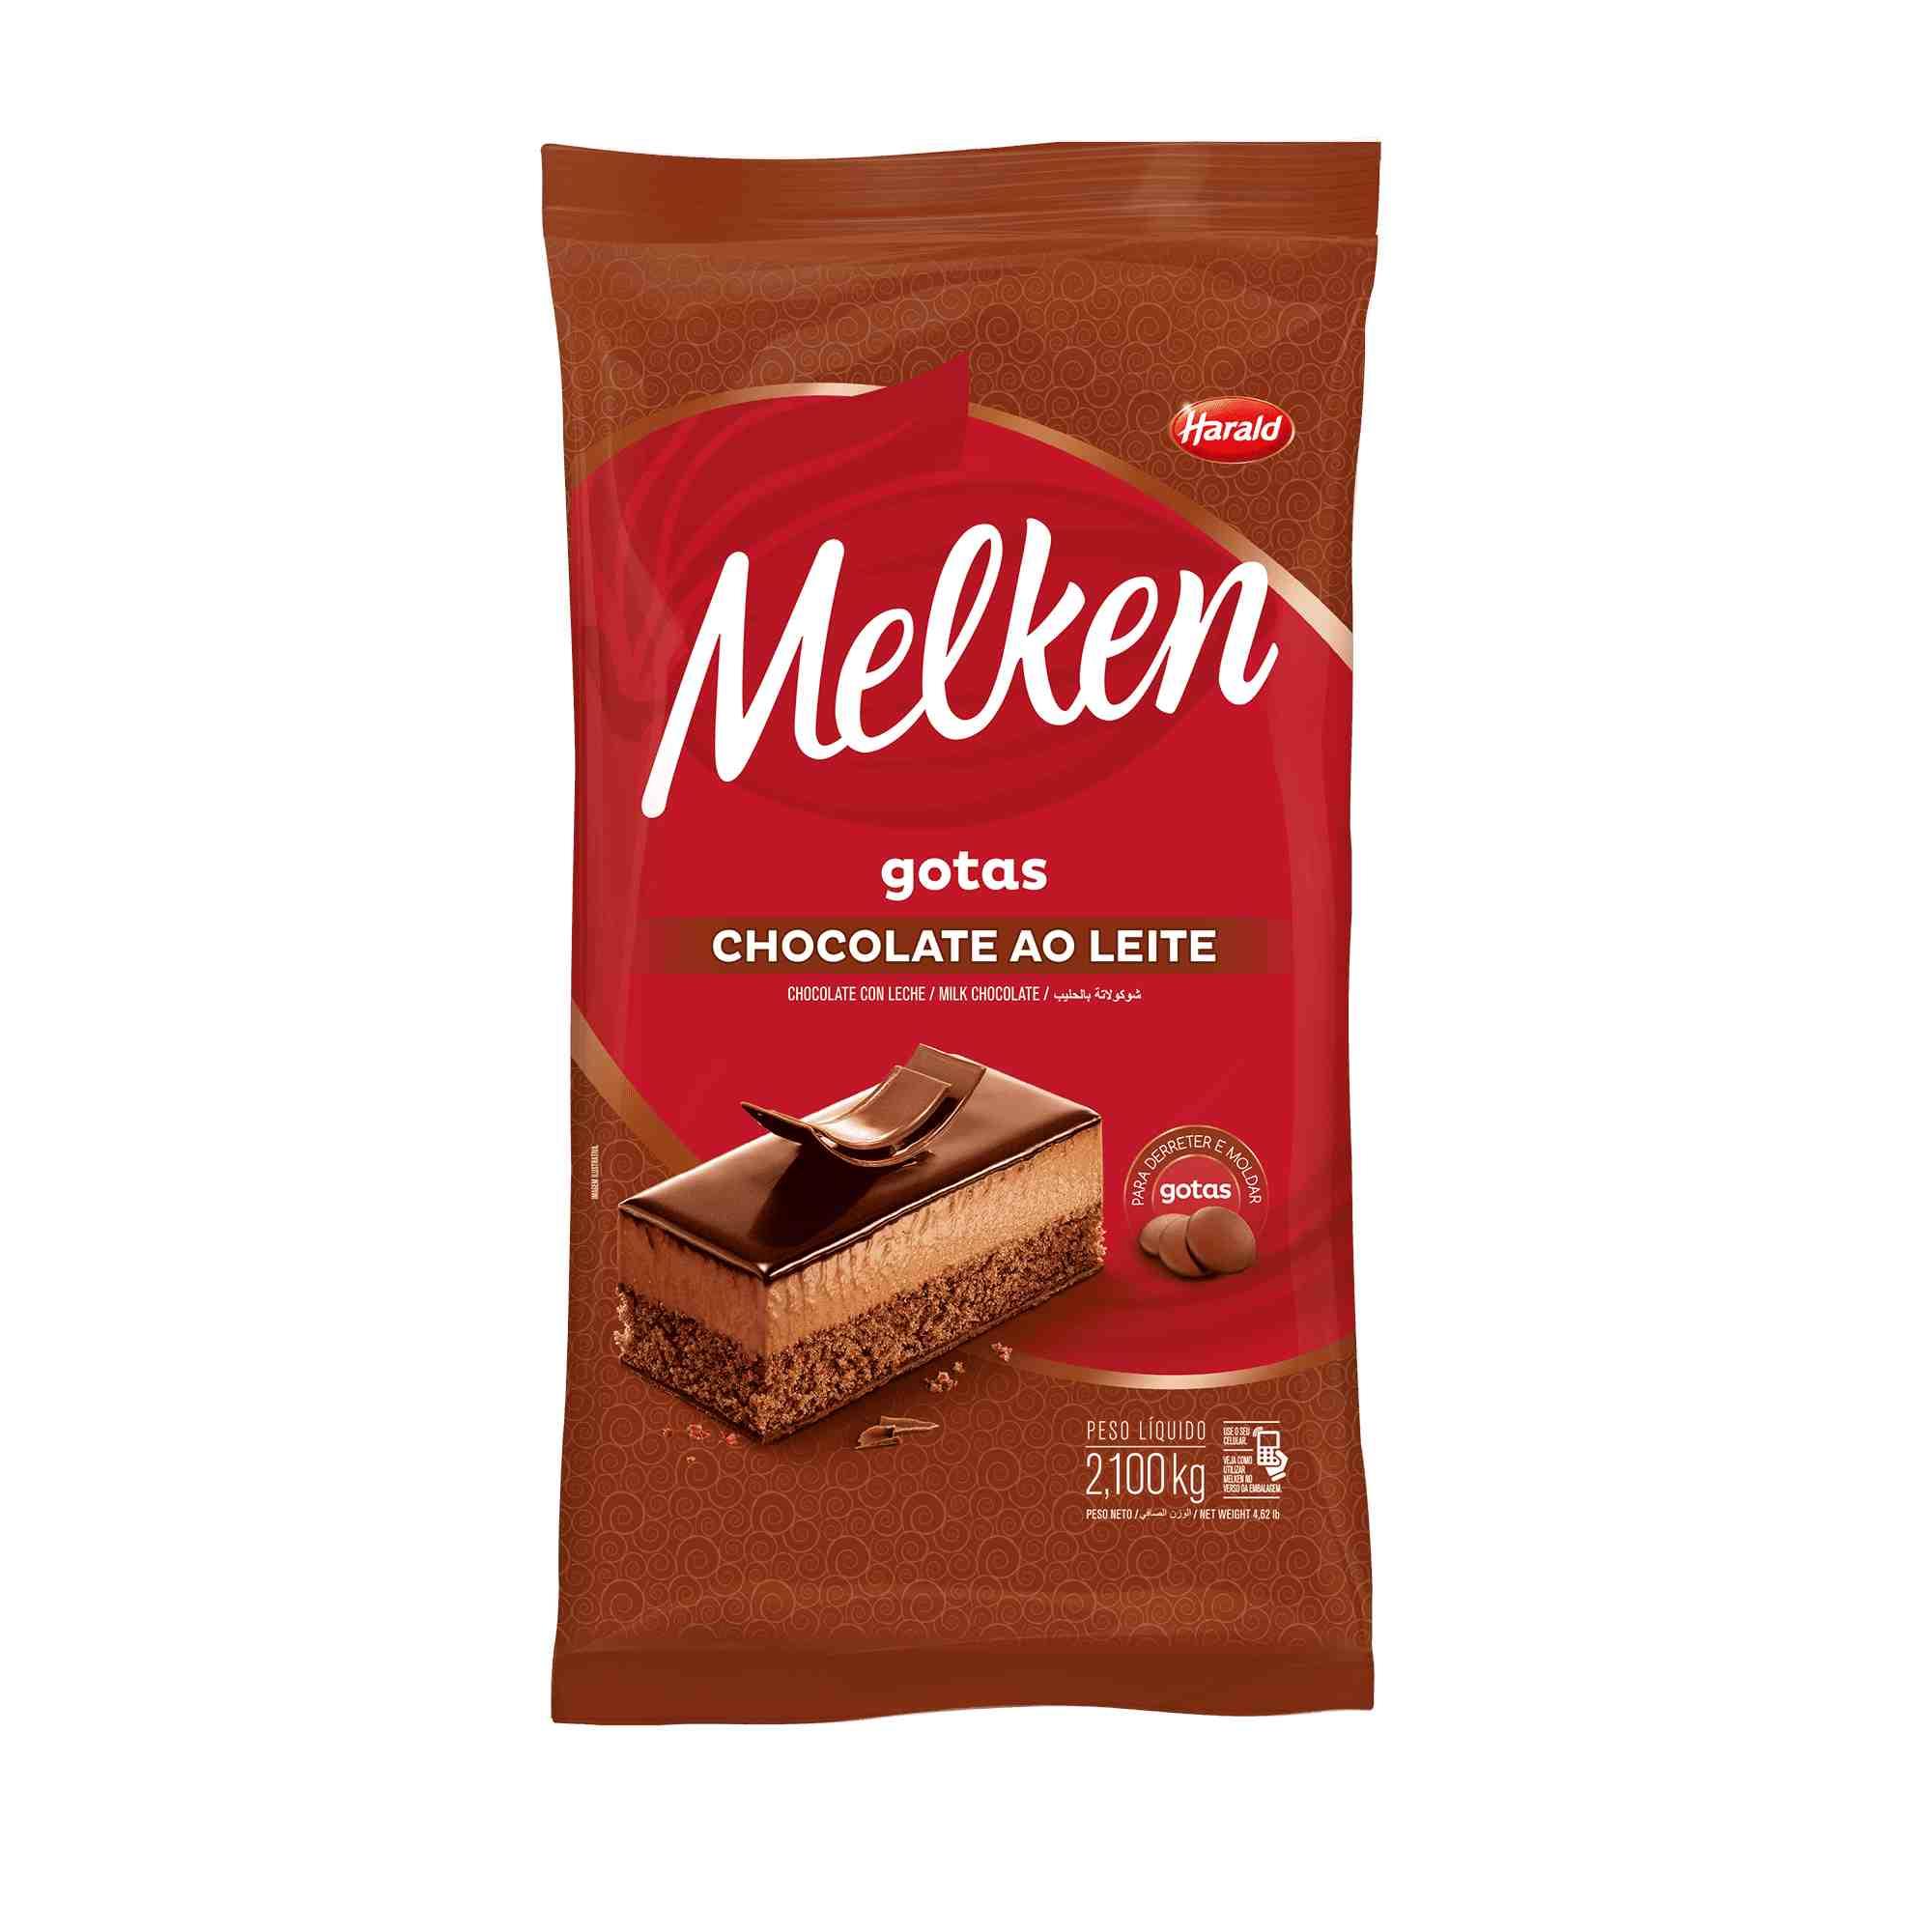 Chocolate ao Leite Gotas 2,1kg Melken Harald